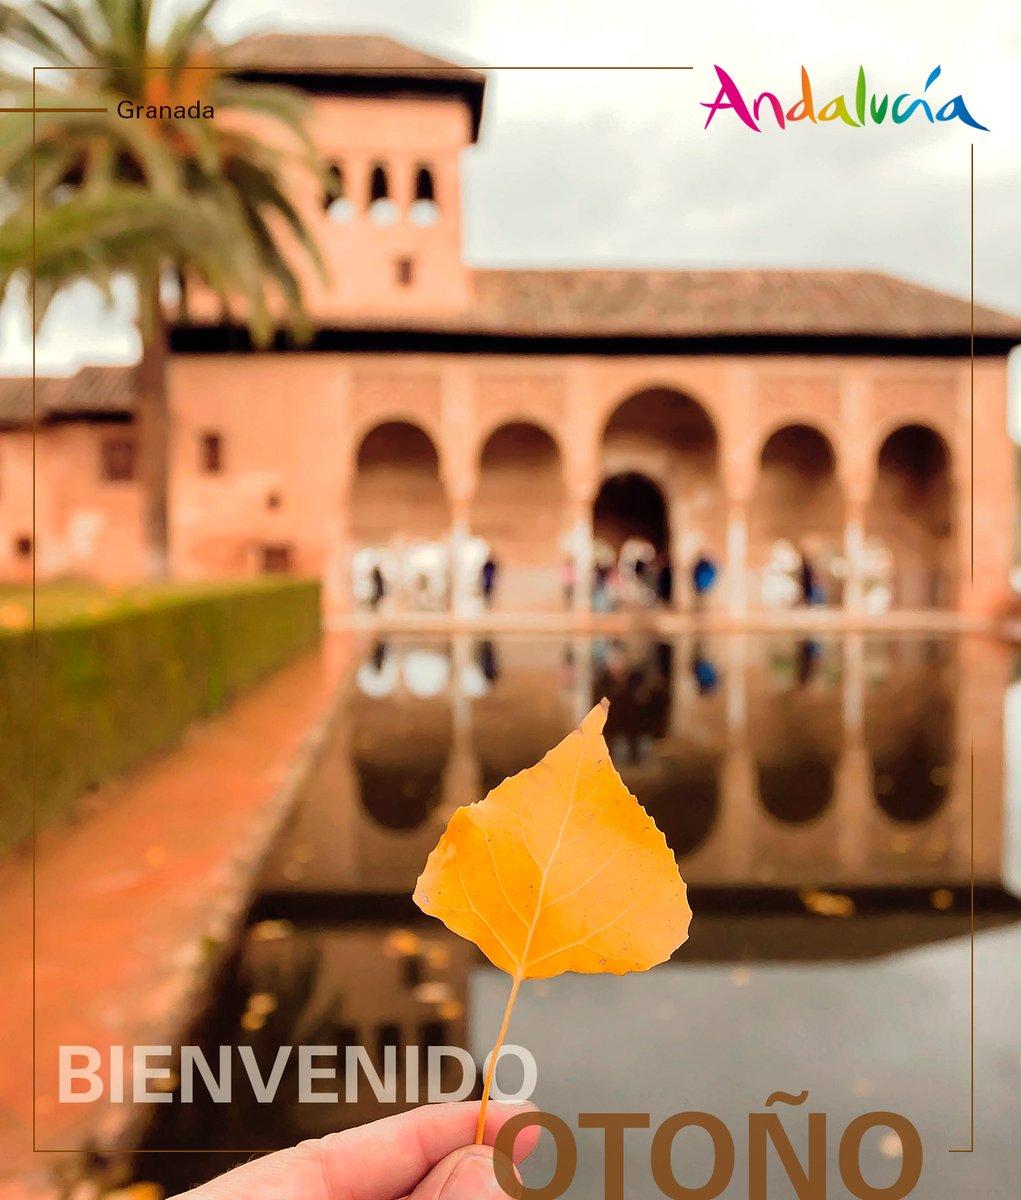 #ViveAndalucia | ¡Hoy damos la bienvenida al otoño! 🍂  Una estación en la que el color dorado de los atardeceres y de las hojas de los árboles es el protagonista. Disfrutemos de esta estación como sabemos hacerlo en Andalucía, ¡intensamente! 💛 #Otoño https://t.co/0zPwPQNpL7